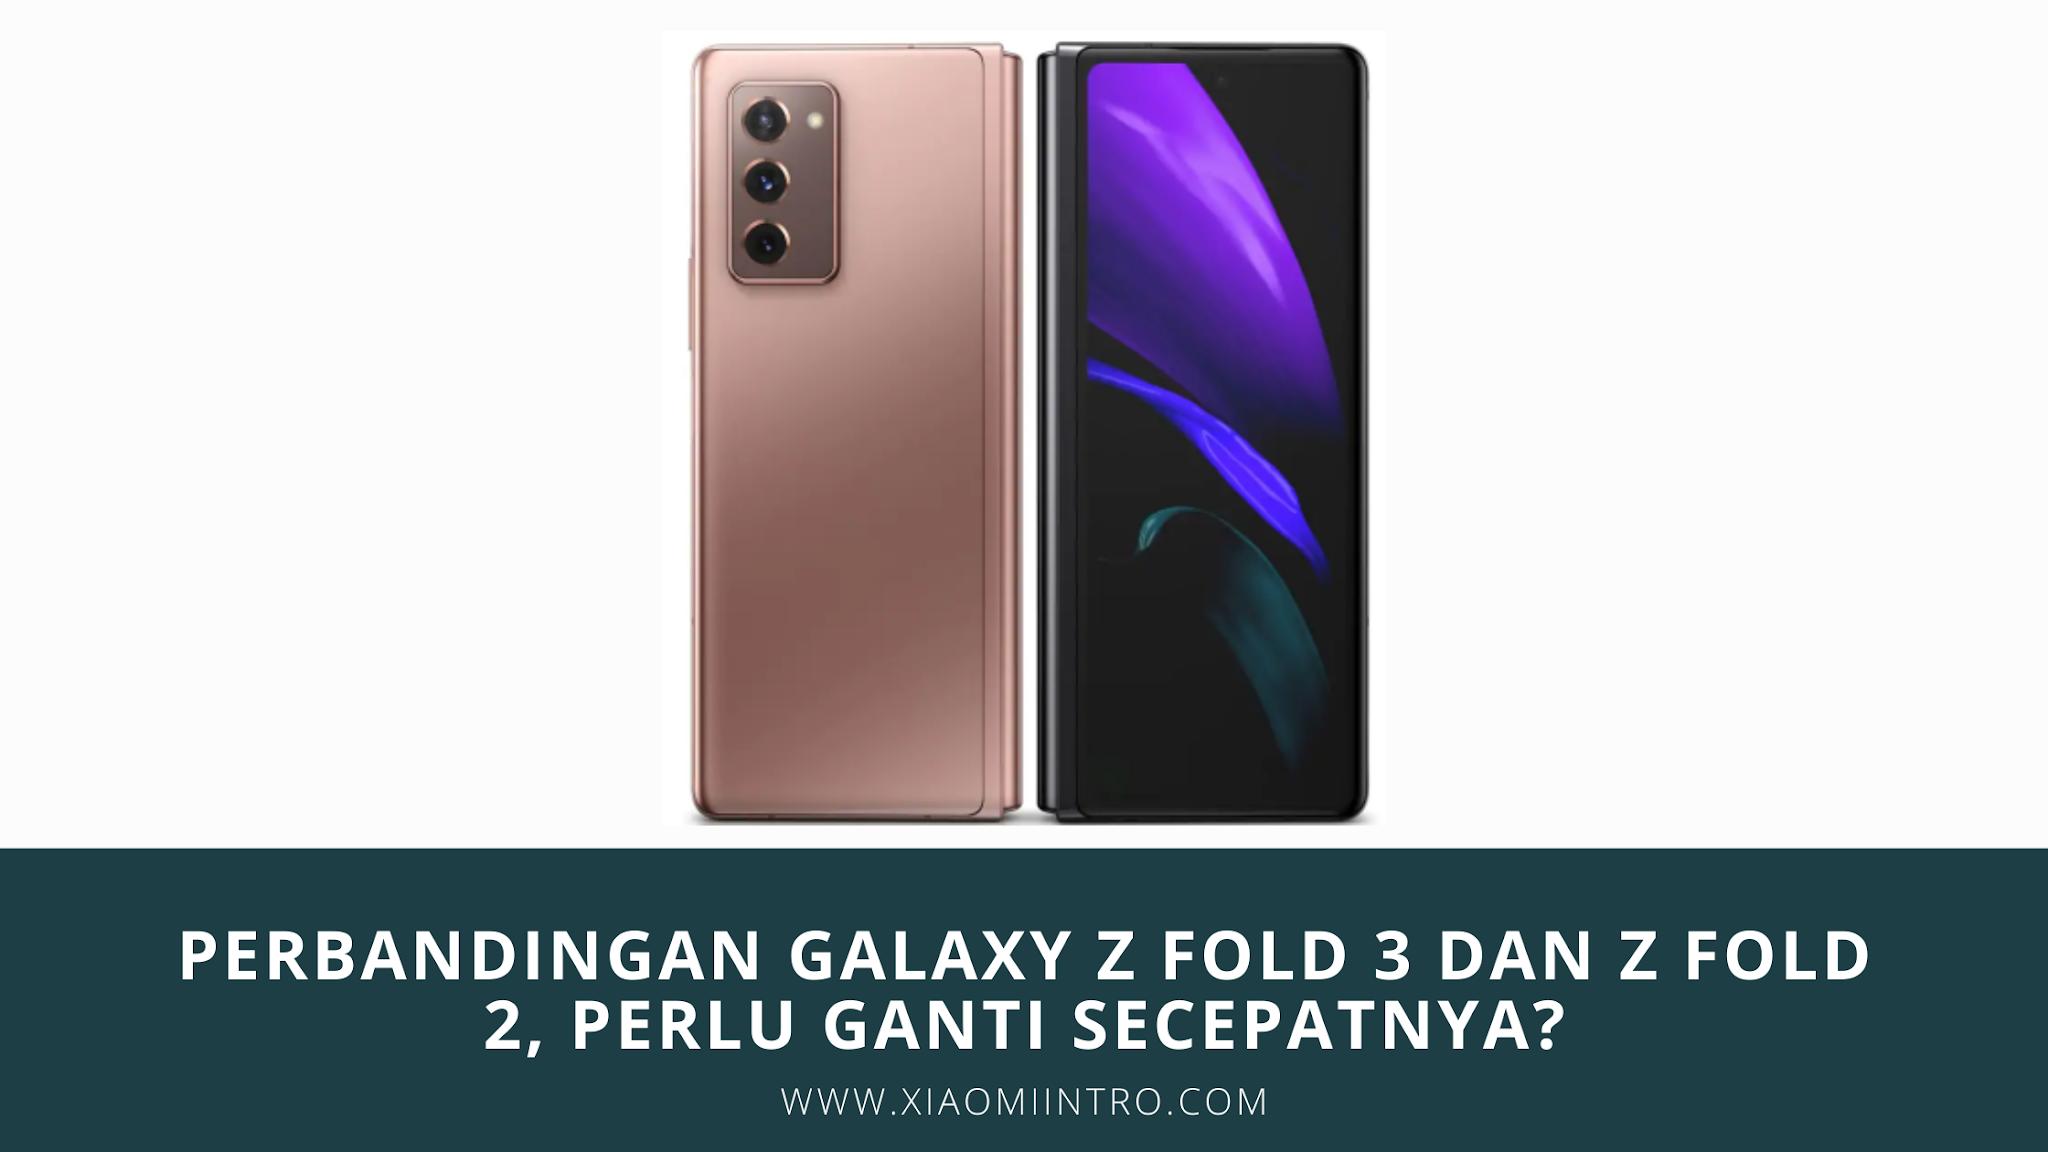 Perbandingan Galaxy Z Fold 3 Dan Z Fold 2, Perlu Ganti Secepatnya?